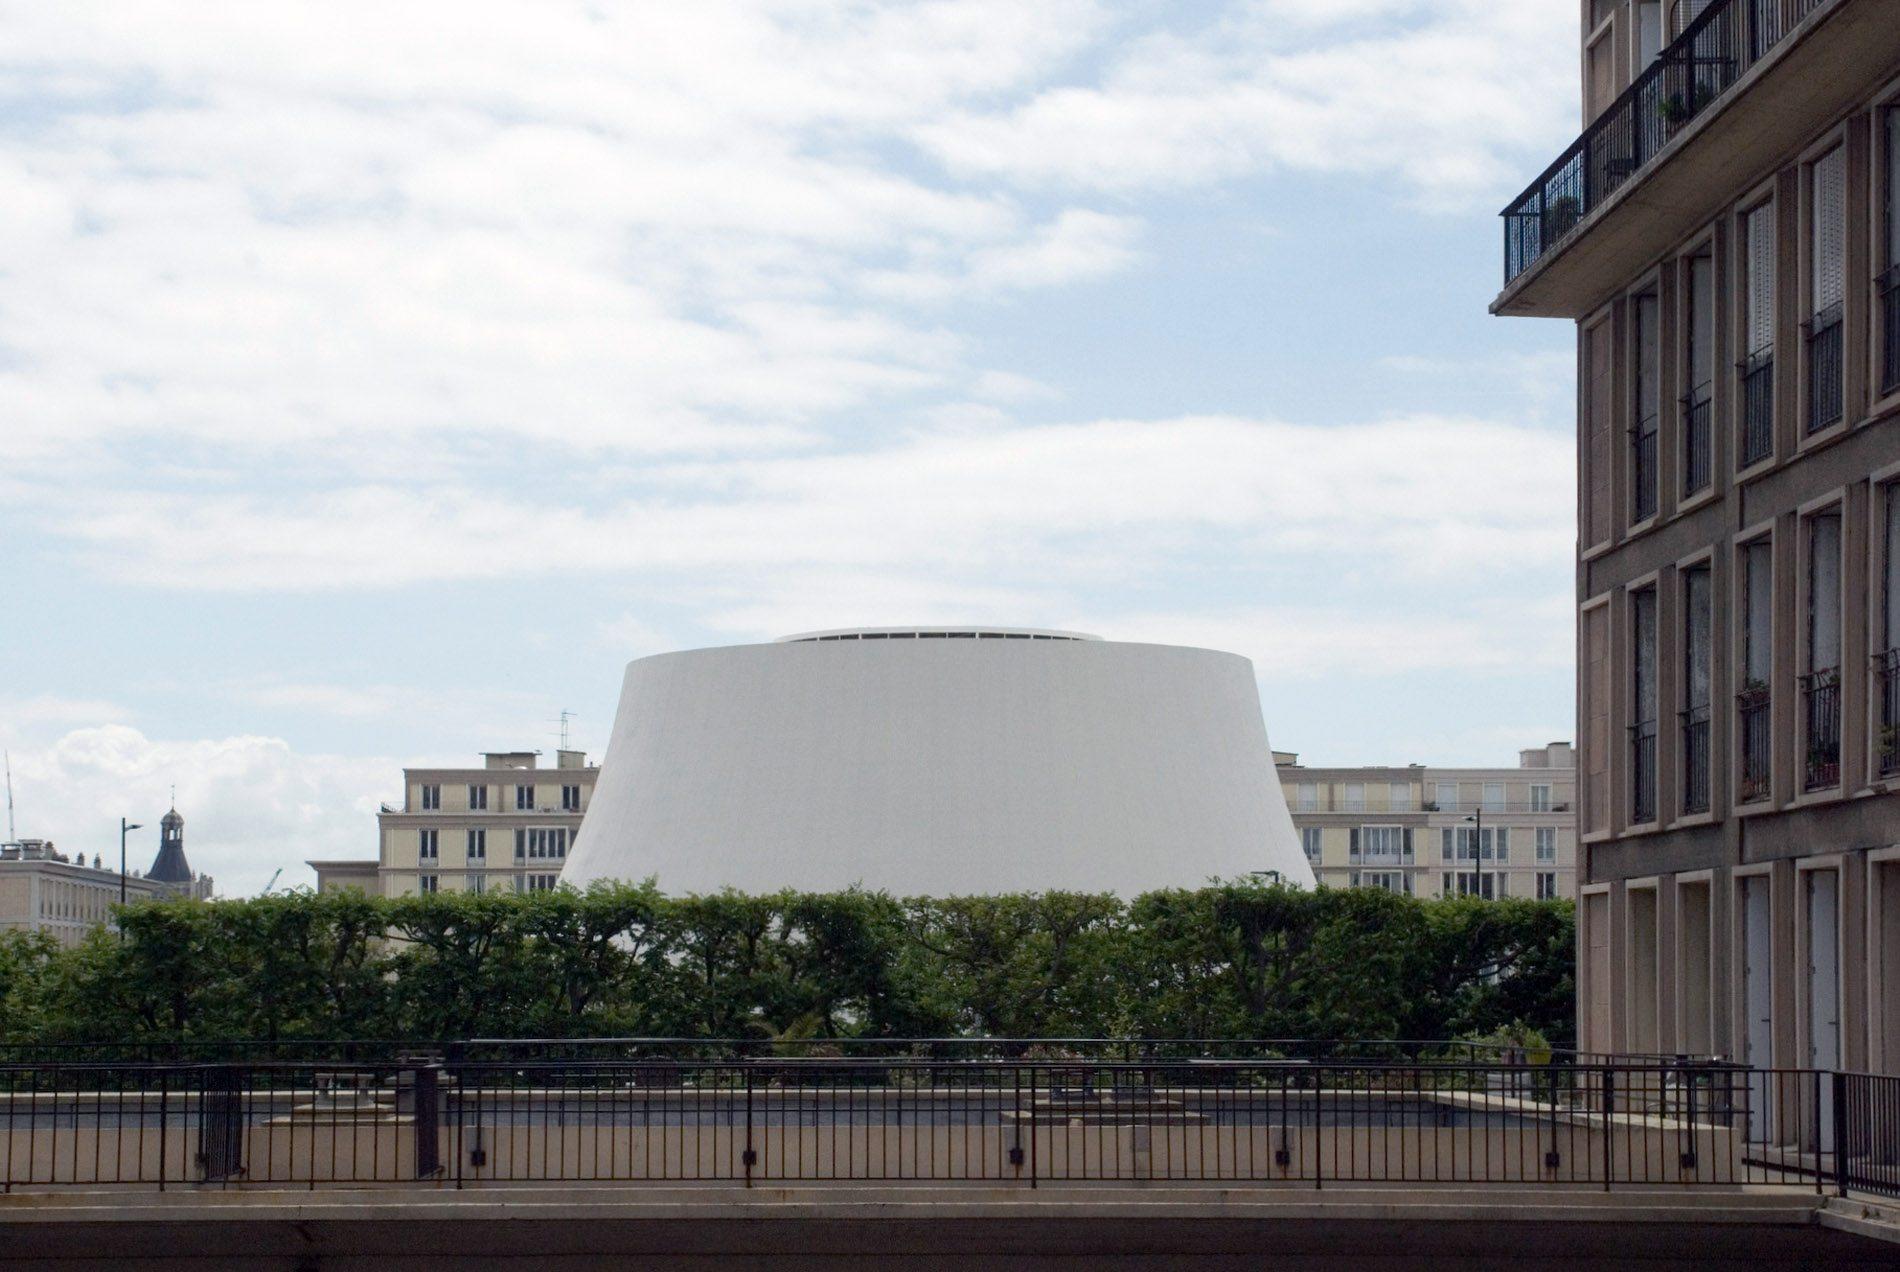 """Le Volcan. 2014 wurde das Ensemble umfassend saniert. Seitdem befindet sich im """"großen Vulkan"""" die Scène Nationale und eine Bar im Retro-Style. Es ist das größte Gebäude mit hyperbolischen Formen. Im """"kleinen Vulkan"""" sind seit 2015 die Bibliothek und Mediathek von Le Havre beheimatet."""